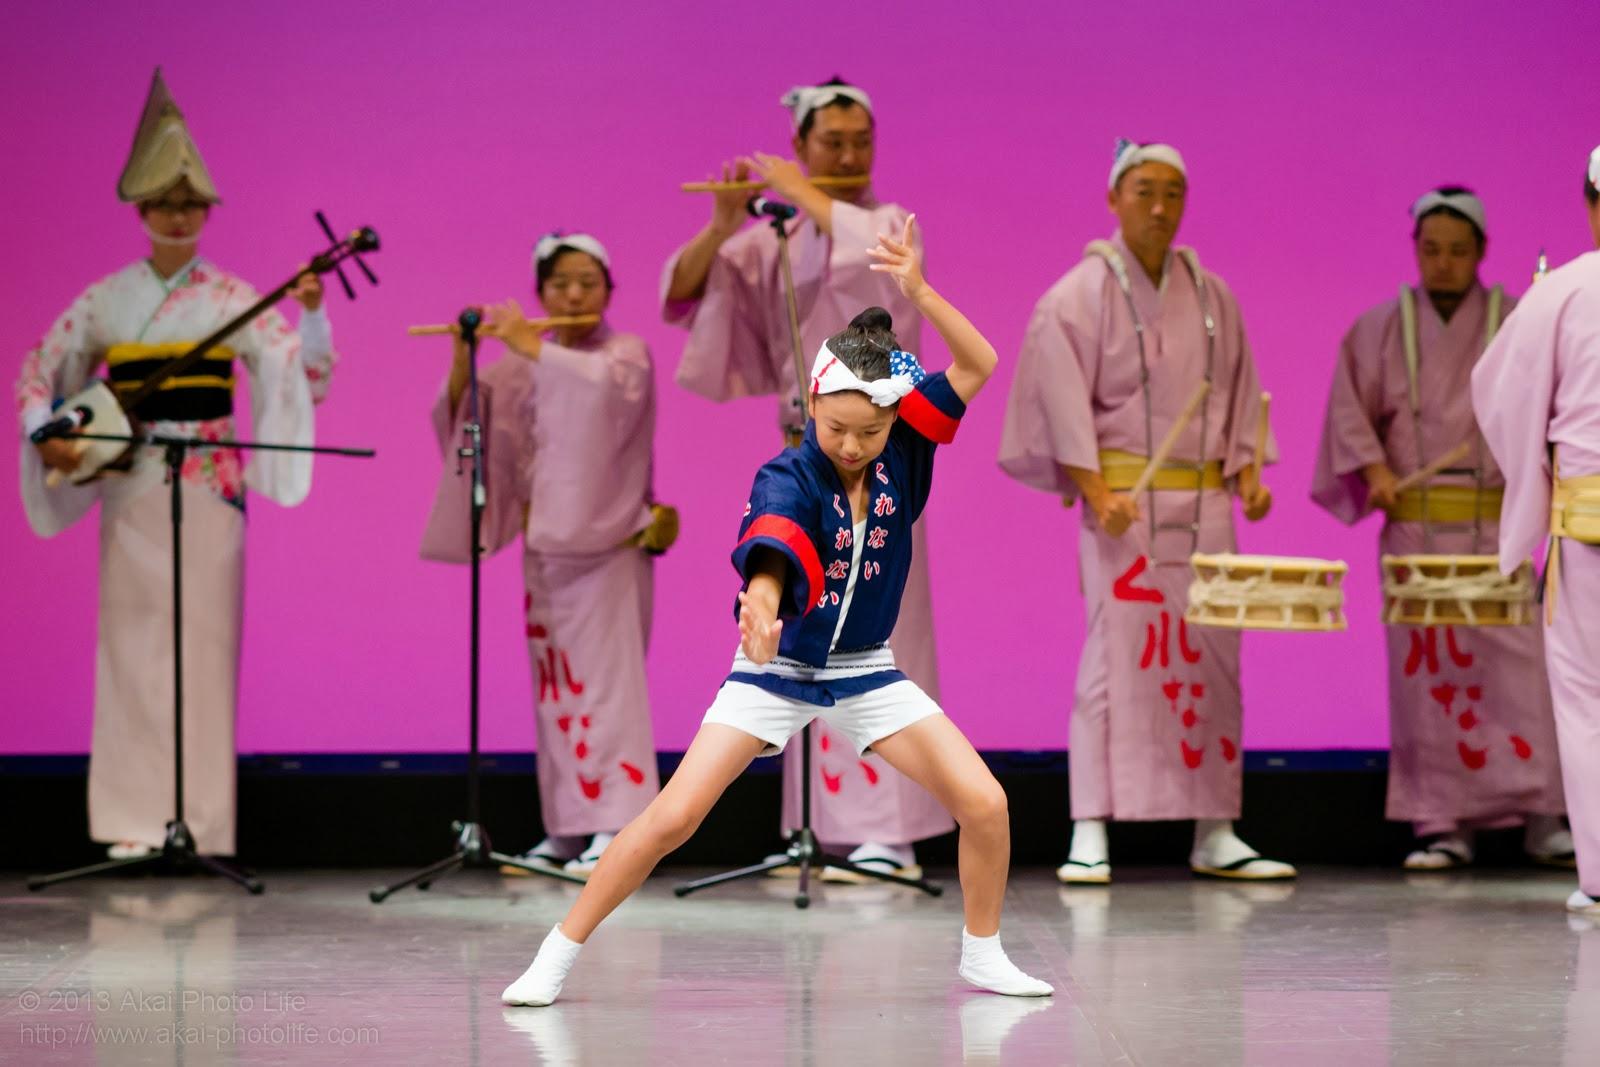 小金井市民文化祭、紅連の子供達の素手踊り